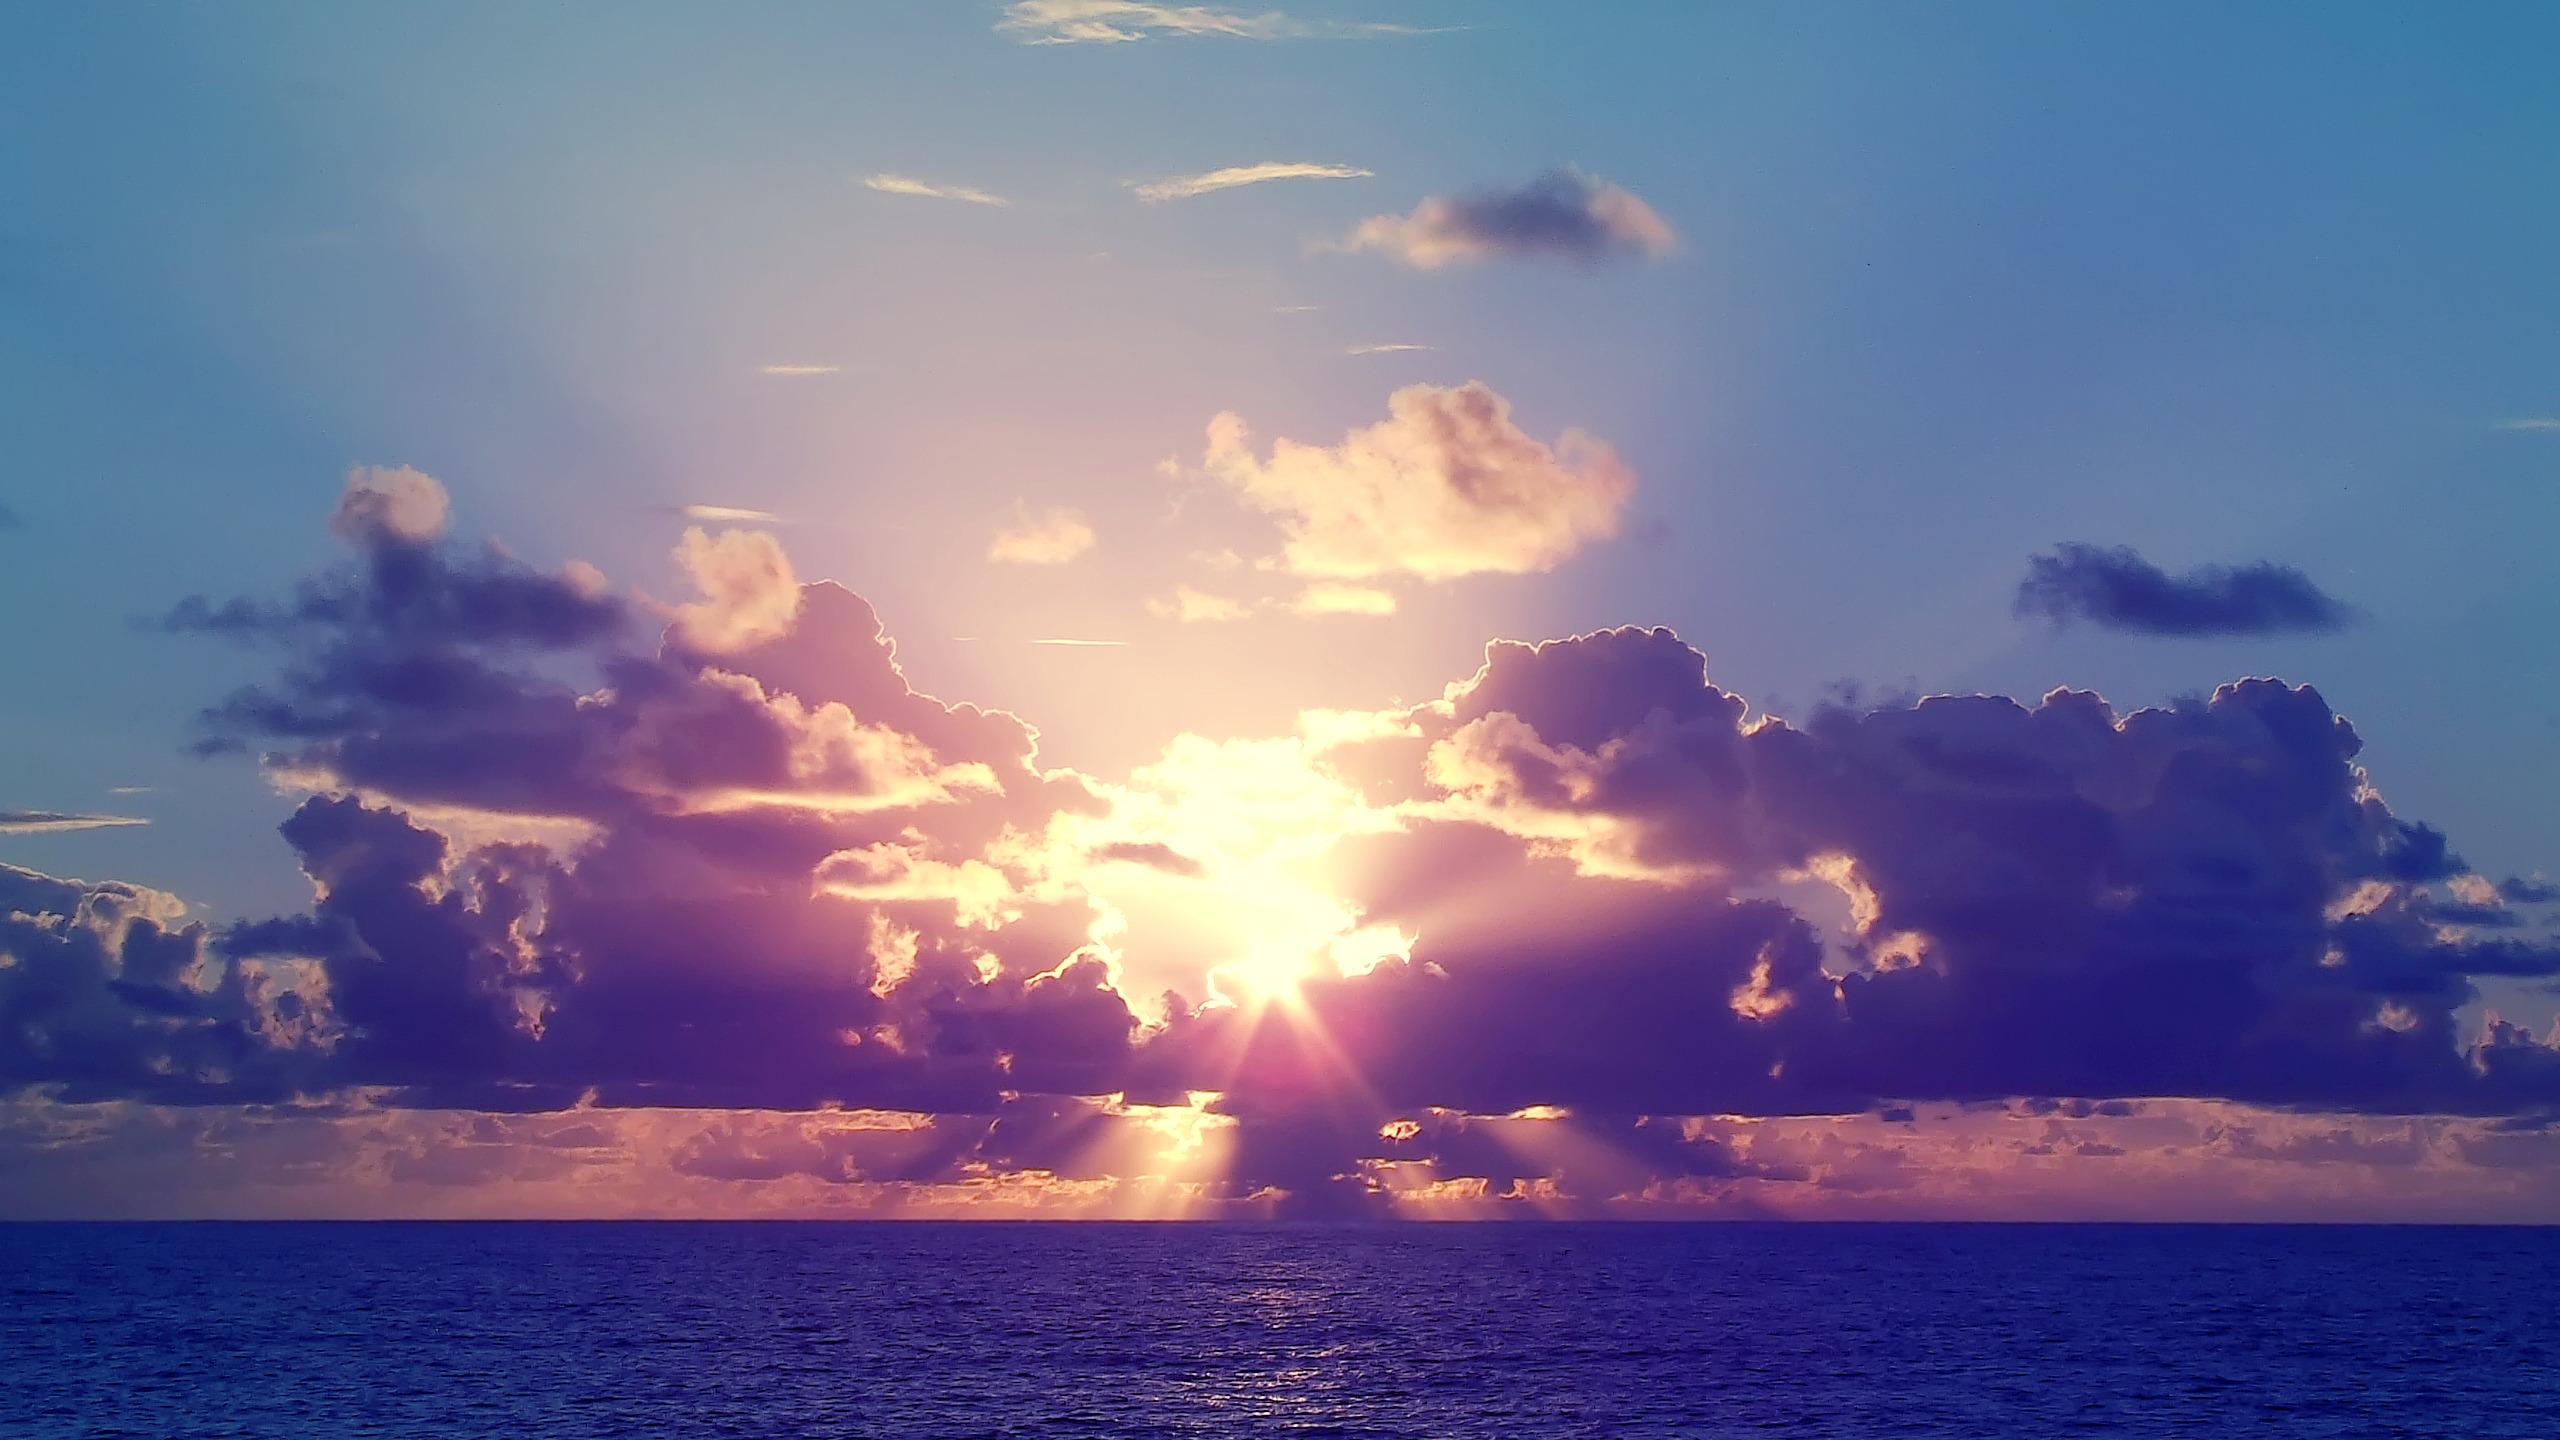 закат солнце облака  № 3851953 бесплатно